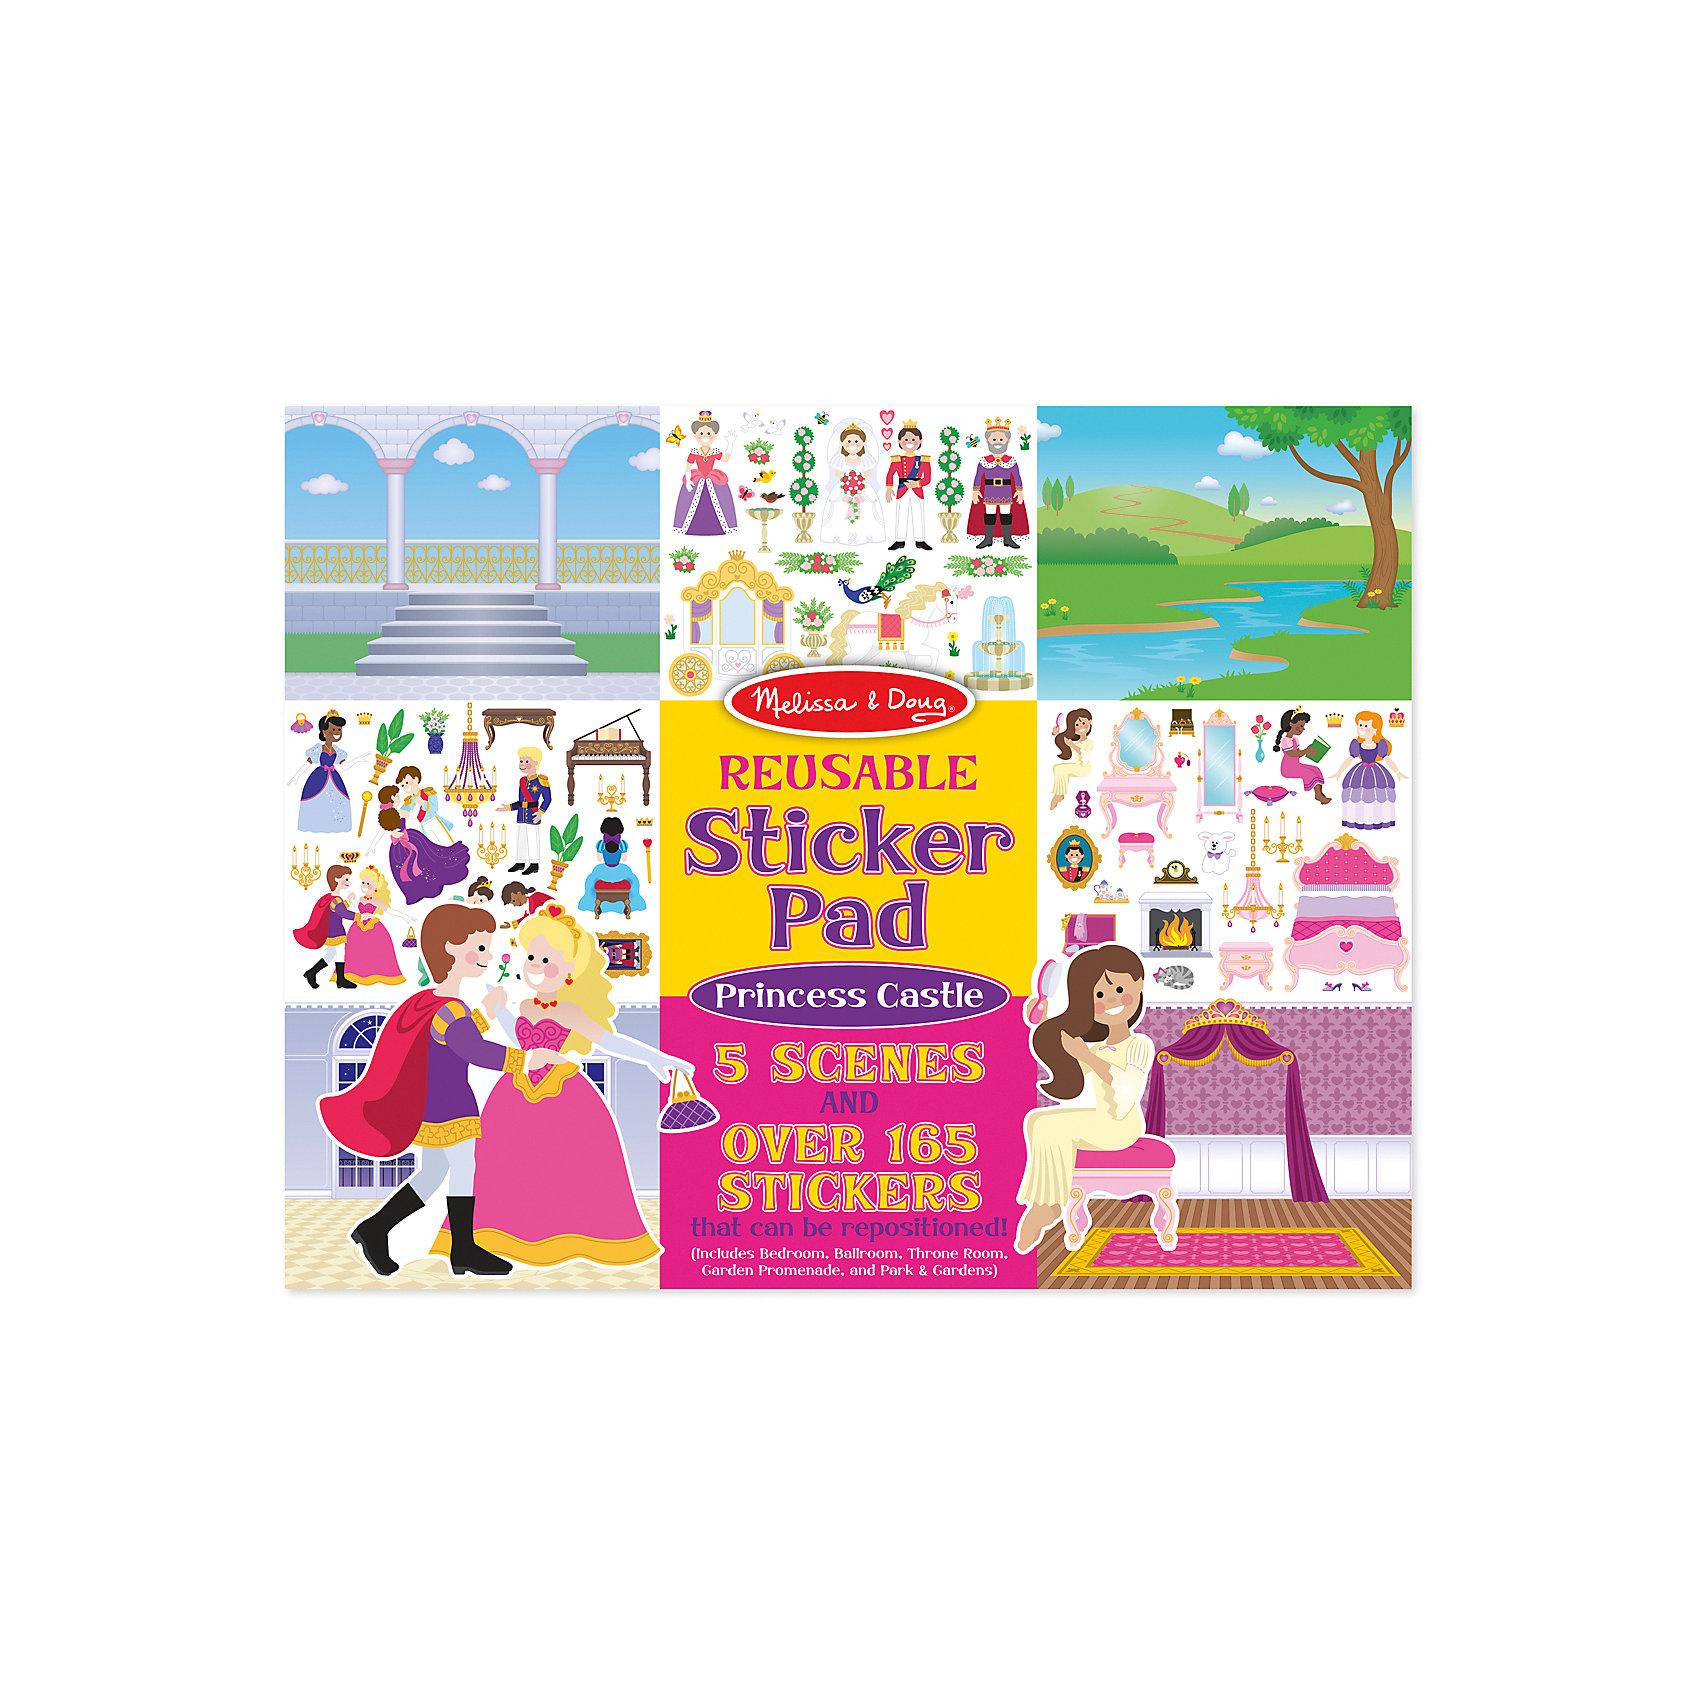 Книжка с многоразовыми наклейками ПринцессыКнижки с наклейками<br>Думаете, как порадовать ребенка? Такой набор - это отличный вариант подарка ребенку, который одновременно и развлечет малыша, и позволит ему развивать важные навыки. Это способствует развитию у малышей мелкой моторики, цветовосприятия, художественного вкуса, внимания и воображения. <br>Набор состоит из листов с заготовками, которые можно заполнять волшебными деталями с помощью наклеек. Это очень увлекательно! Набор отличается простотой использования и отличным качеством исполнения. <br><br>Дополнительная информация:<br><br>комплектация: пять листов, 200 наклеек;<br>материал: бумага;<br>размер упаковки: 360 х 280 х 10 мм.<br><br>Набор со стикерами и фоном Принцессы от бренда Melissa&amp;Doug можно купить в нашем магазине.<br><br>Ширина мм: 360<br>Глубина мм: 10<br>Высота мм: 280<br>Вес г: 386<br>Возраст от месяцев: 36<br>Возраст до месяцев: 84<br>Пол: Женский<br>Возраст: Детский<br>SKU: 4993672